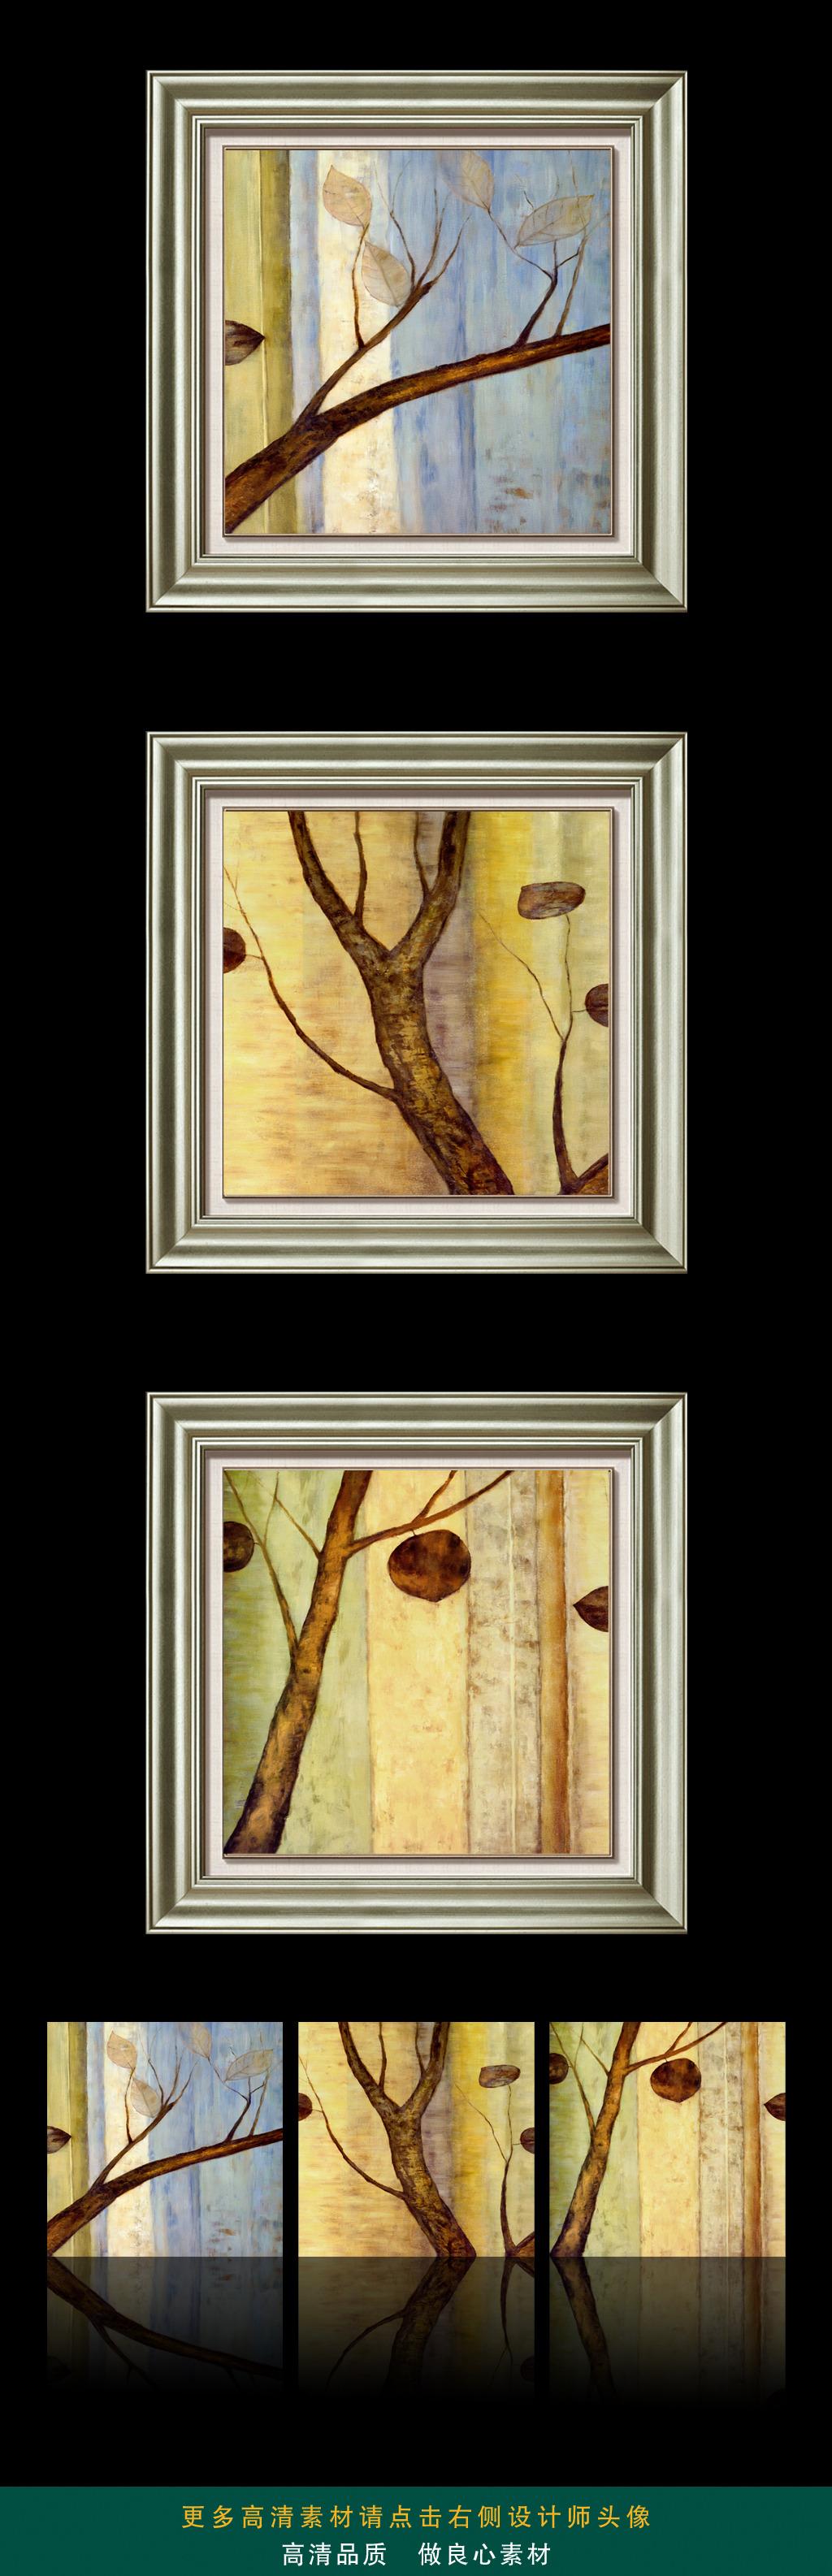 北欧风格手绘树枝装饰画